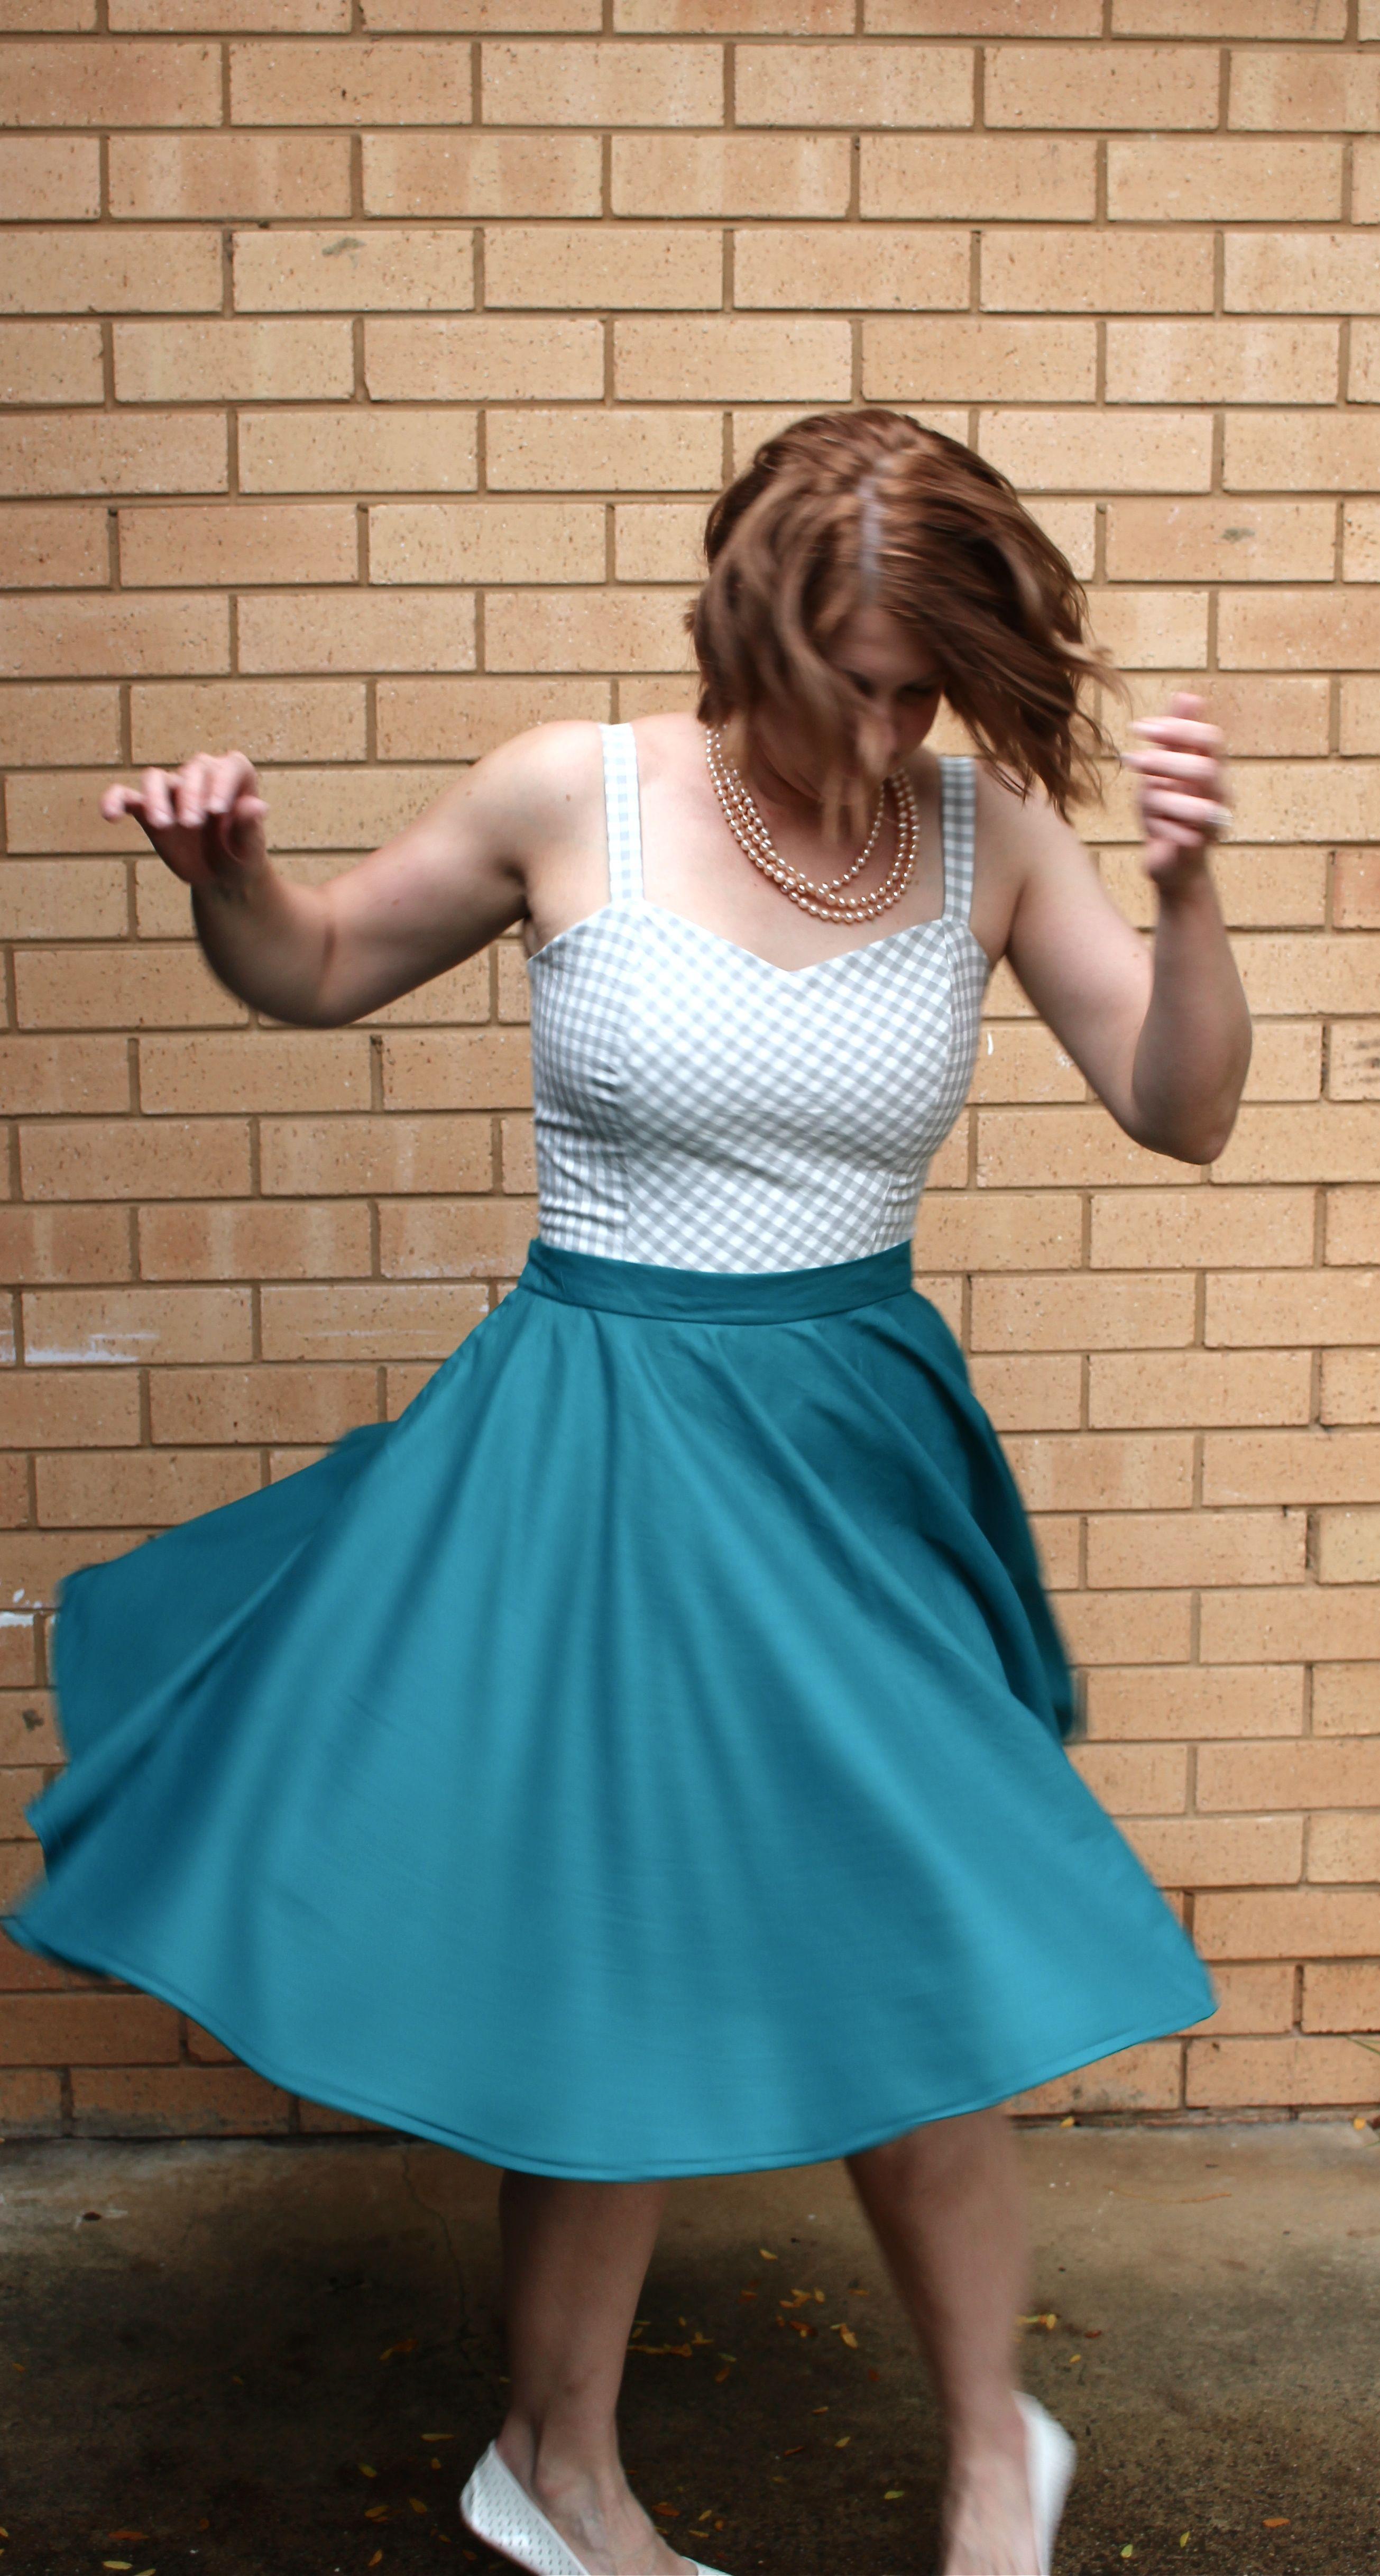 Amanda vs Vogue 8849 and Circle Skirt